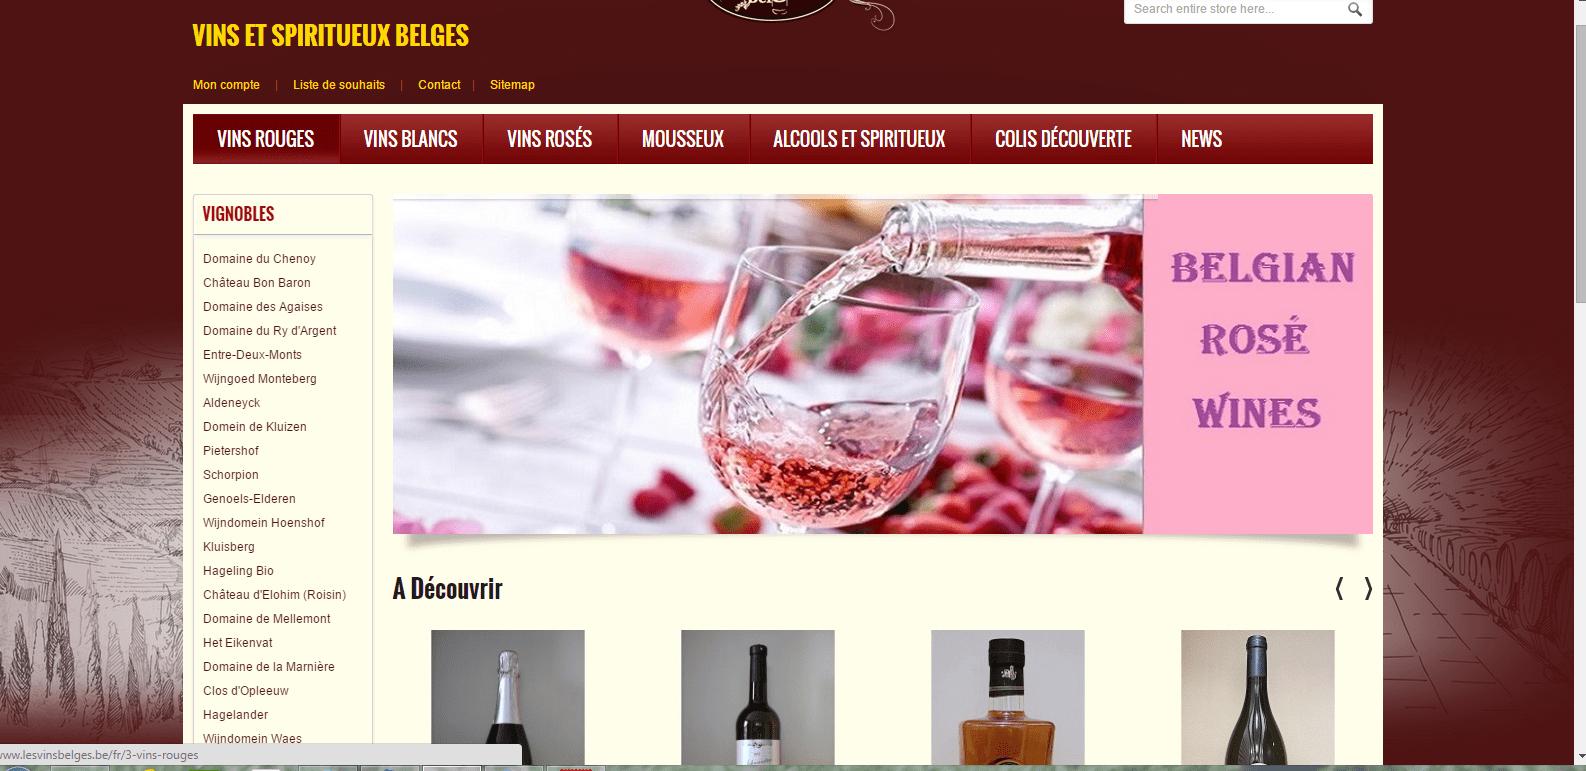 Les Vins Belges